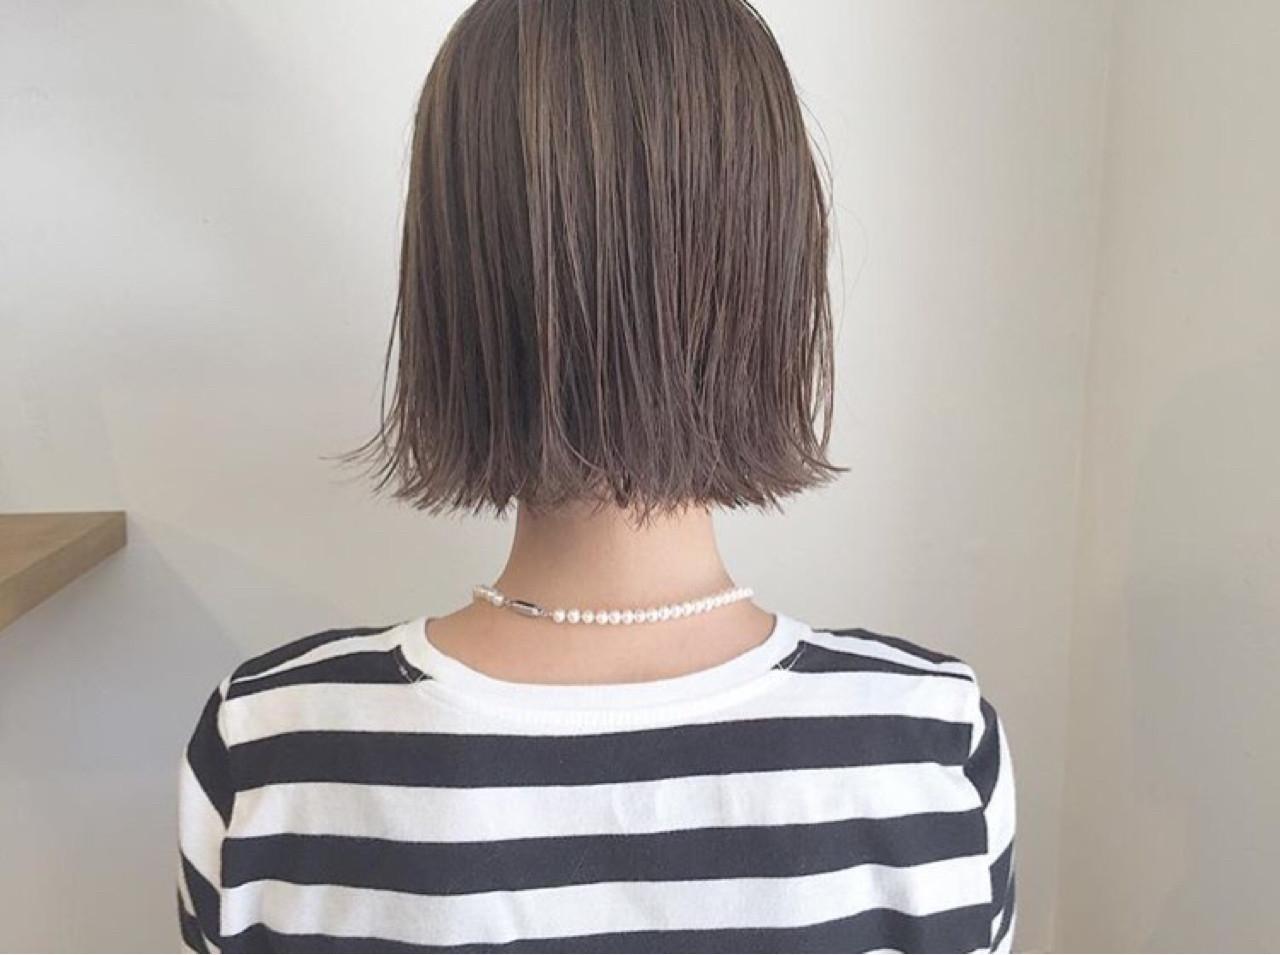 ナチュラル 外ハネ ハイライト リラックス ヘアスタイルや髪型の写真・画像 | KENTO.NOESALON / NOE SALON